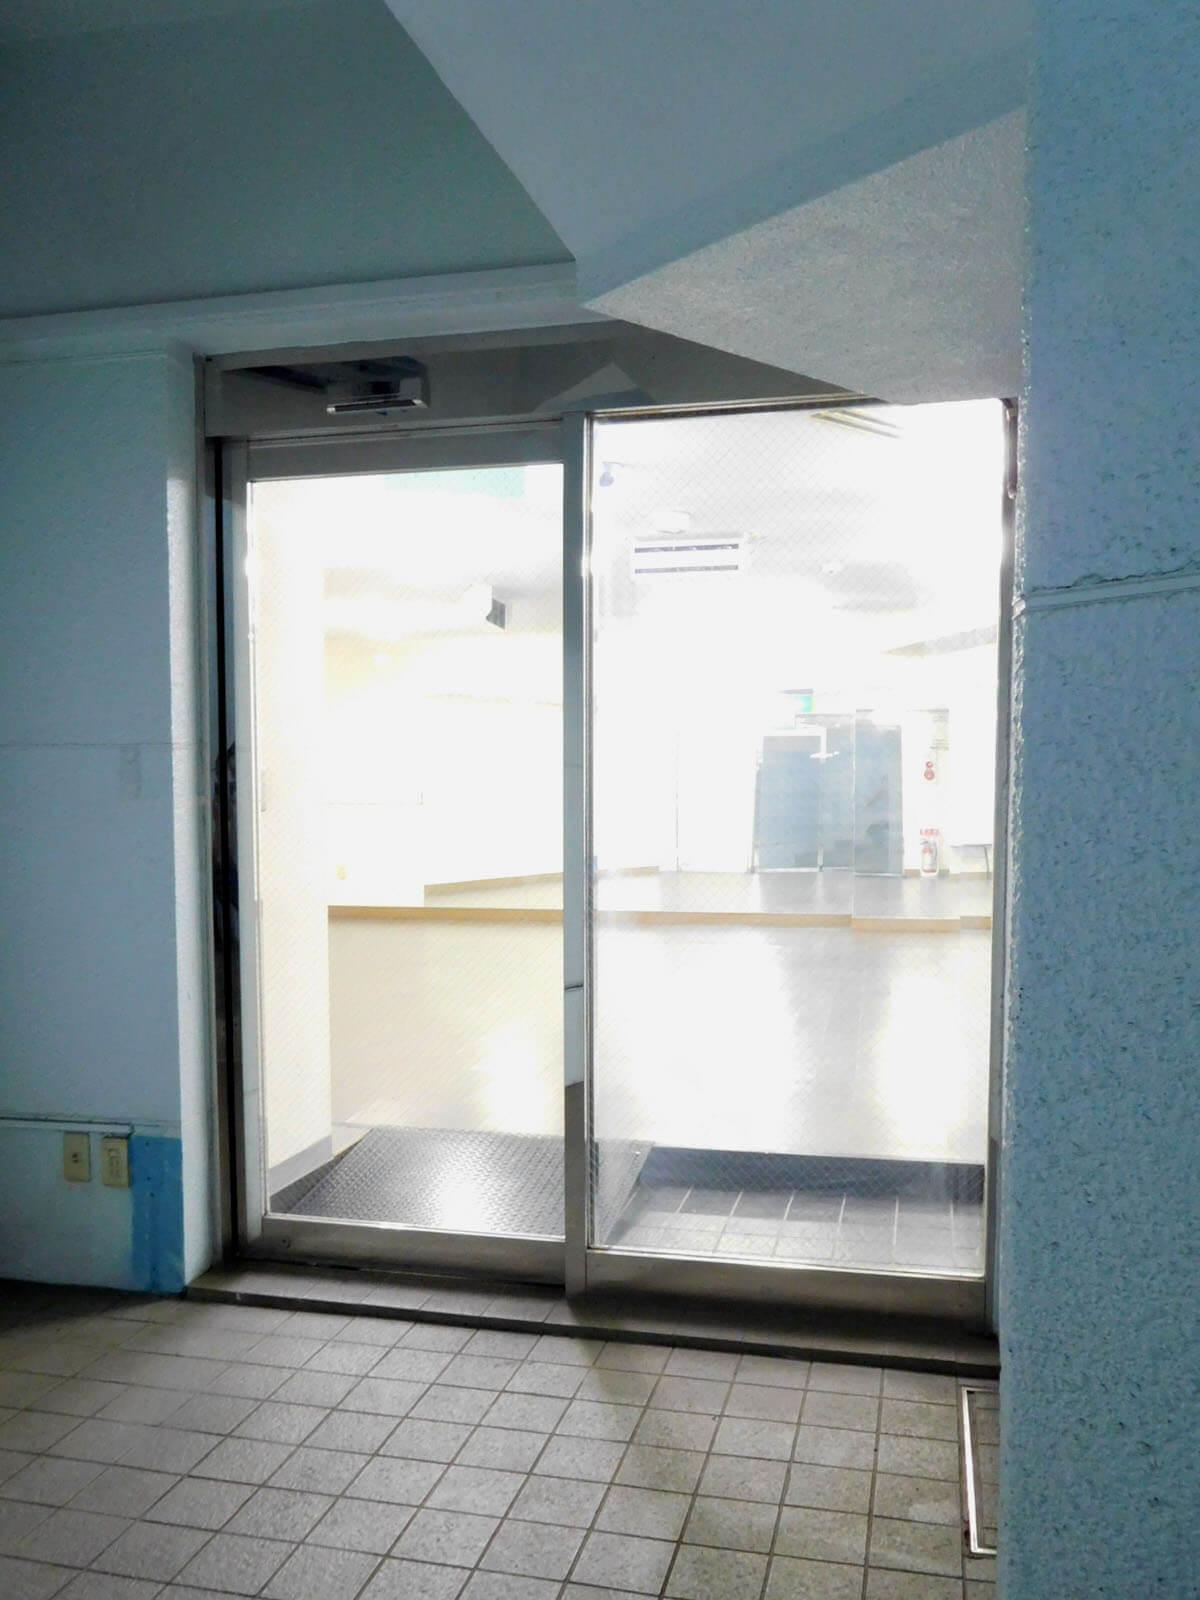 自動ドアあり。